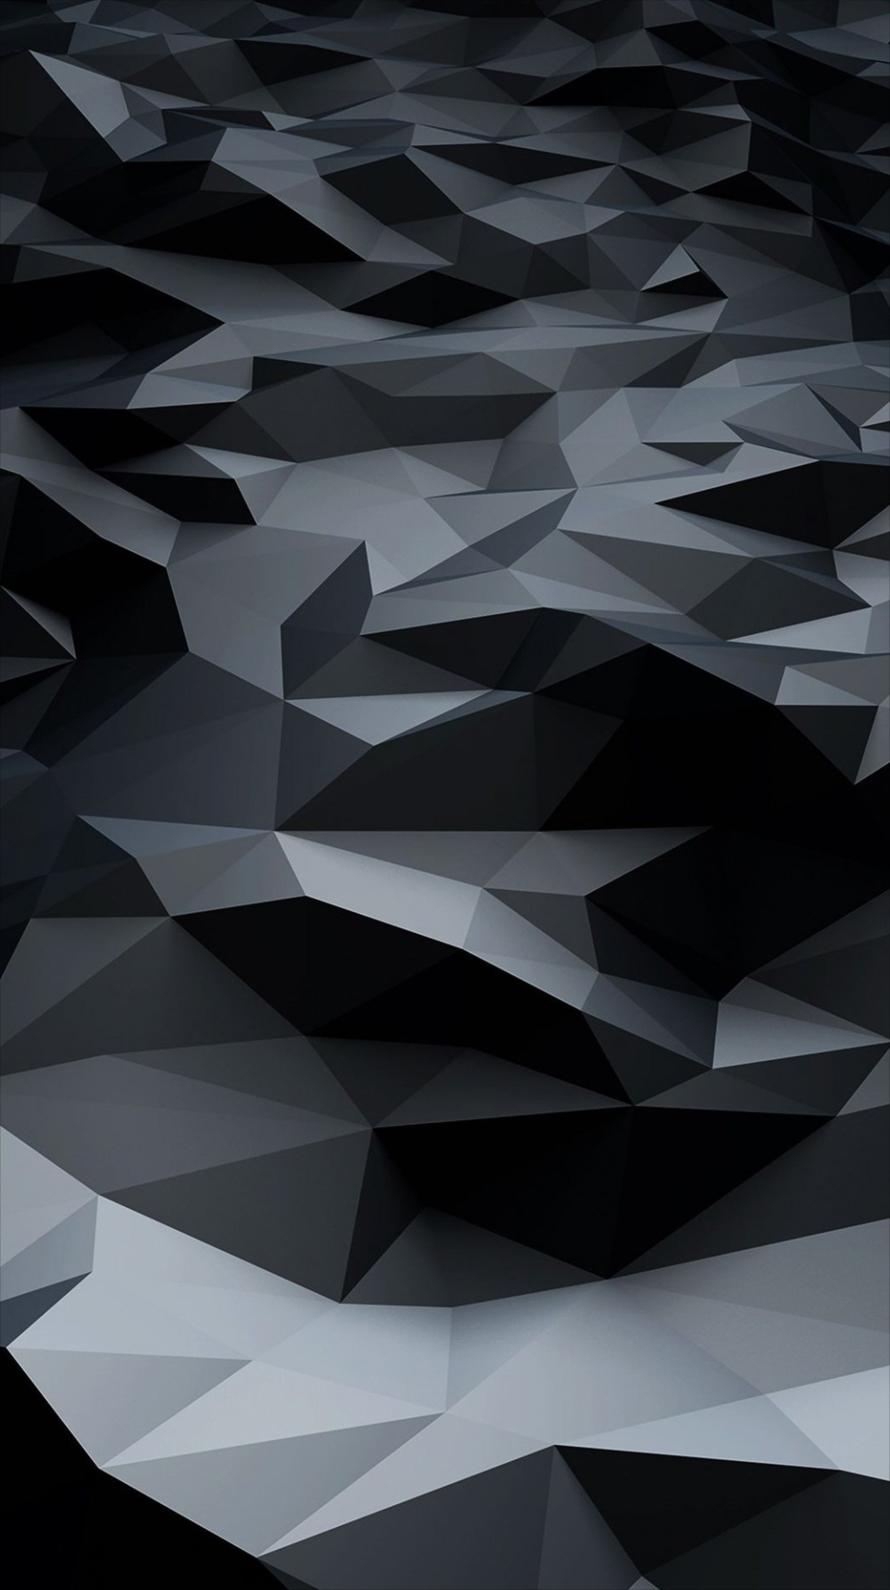 水平の続く黒のポリゴン iPhone6壁紙